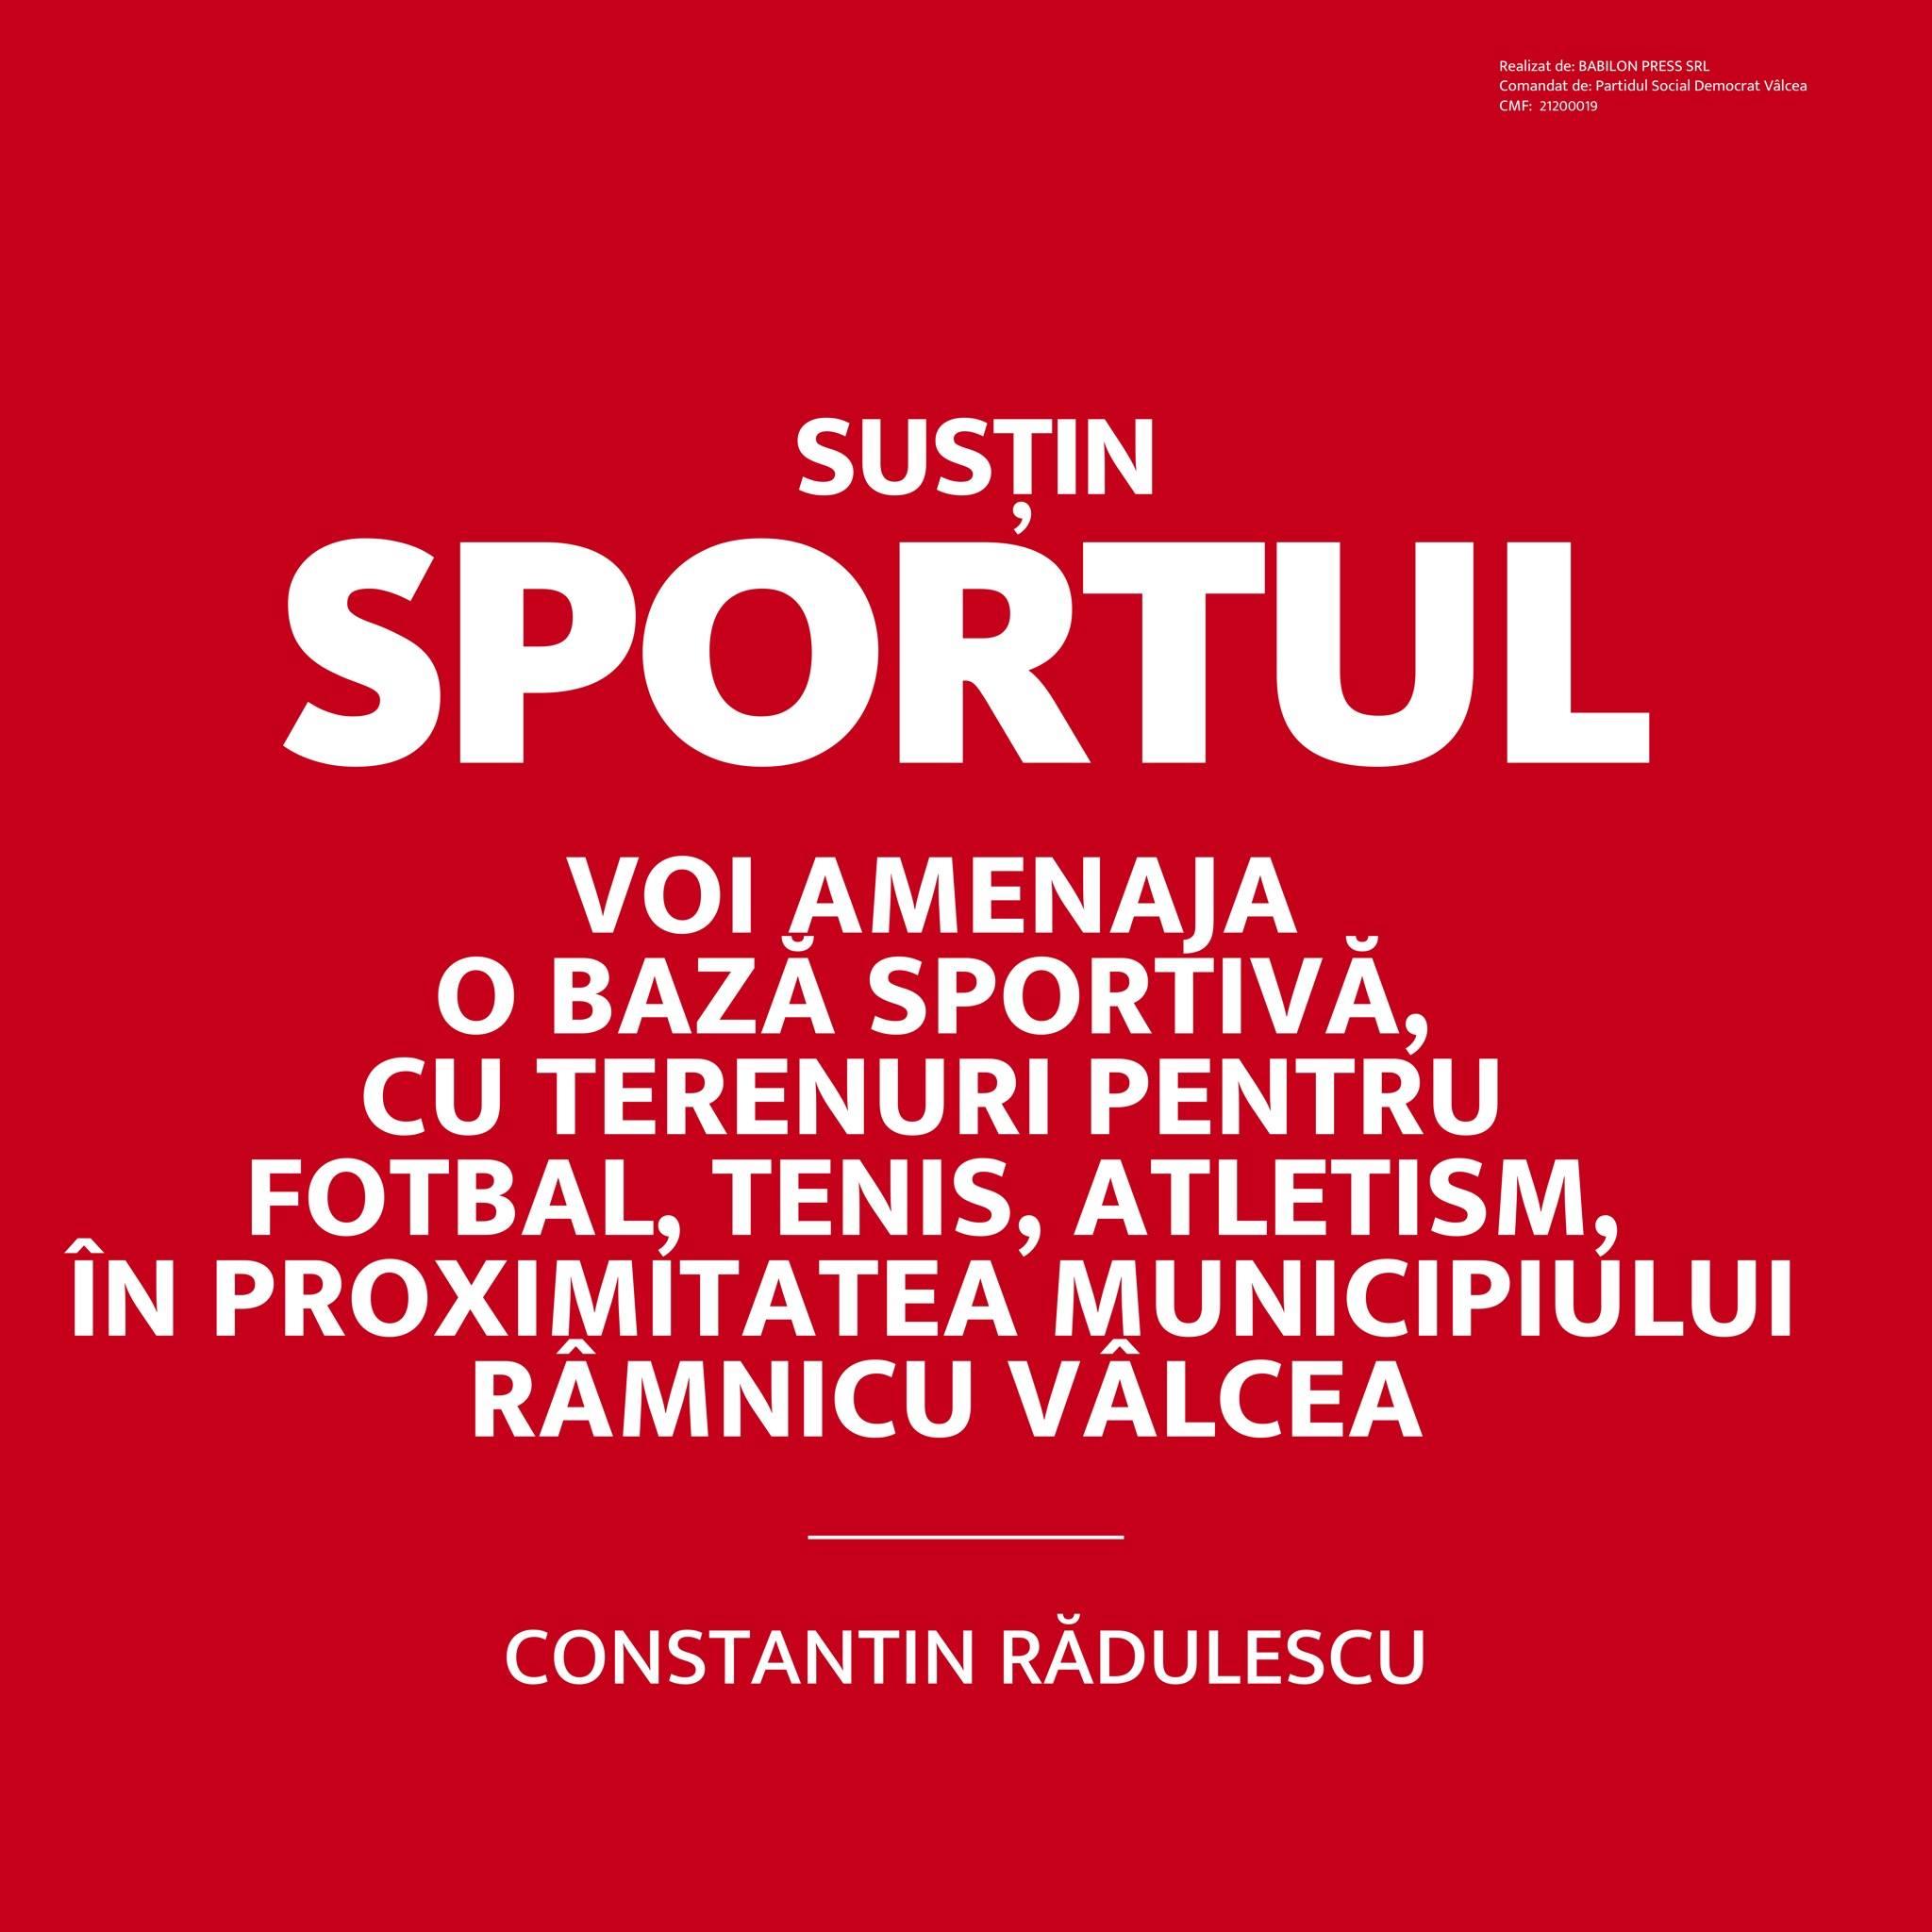 """Constantin RĂDULESCU: """"Am susținut și voi susține sportul vâlcean!"""""""